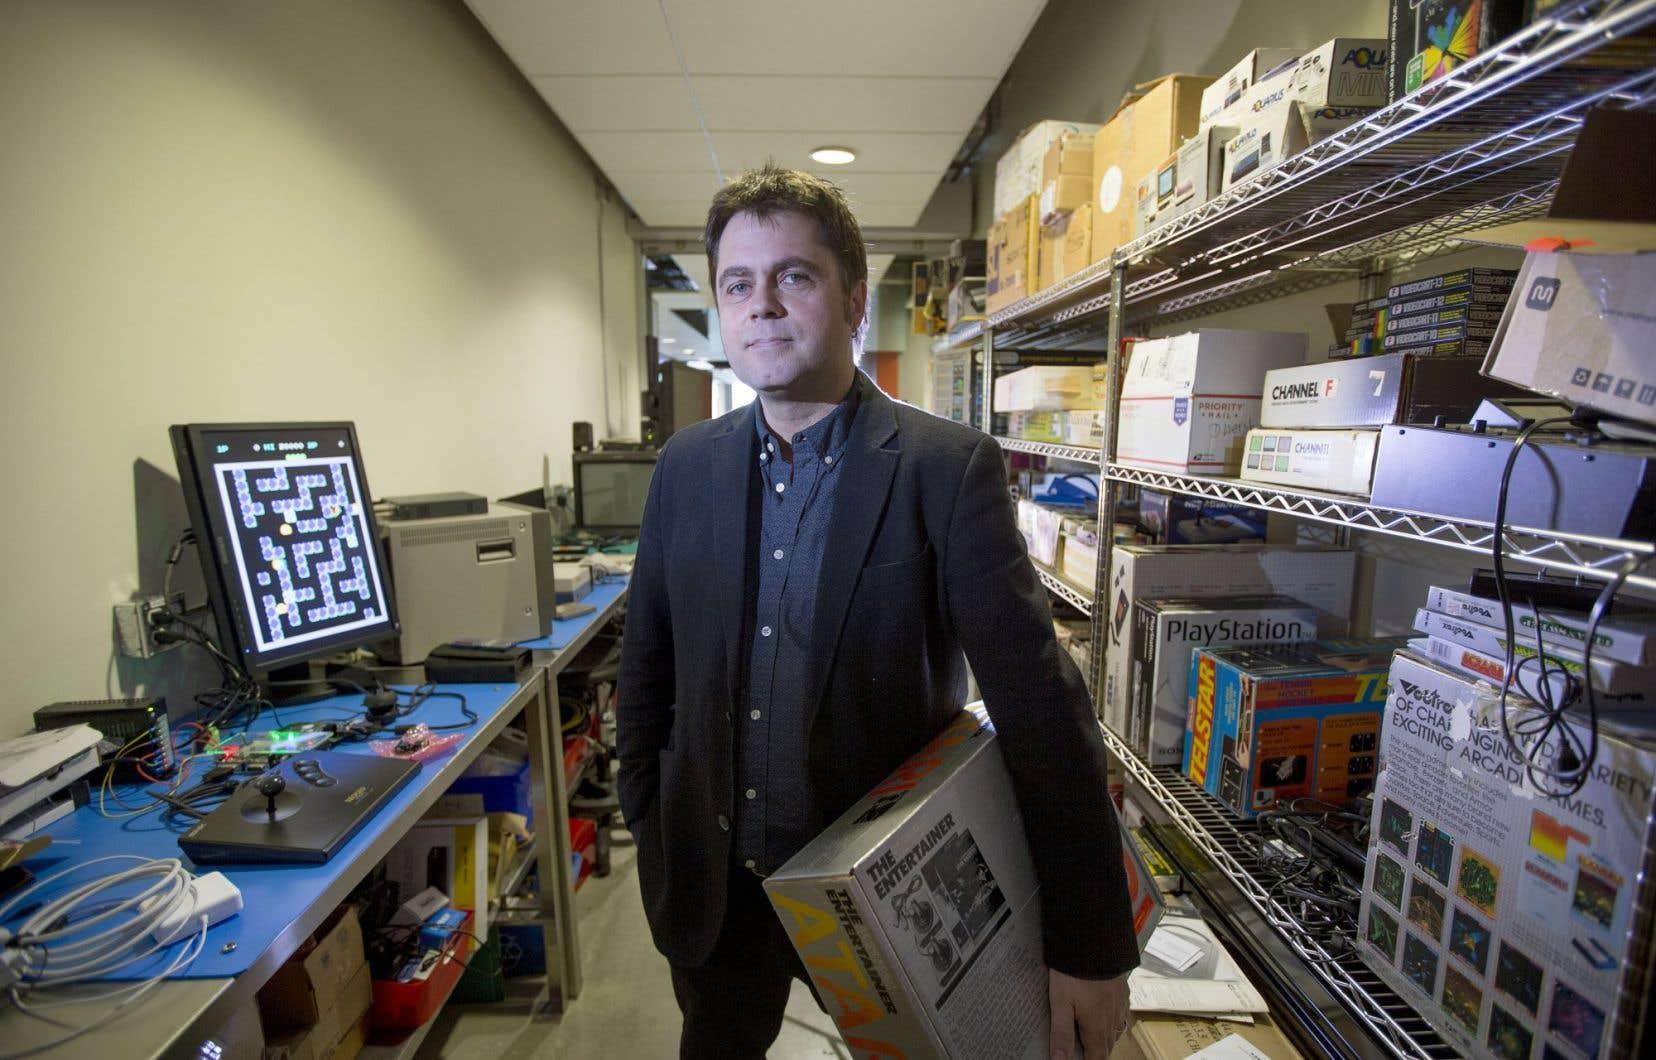 Darren Wershler, professeur passionné par la littérature, les communications et les médias, a trouvé dans l'obsolescence rapide des consoles de jeux vidéo un sujet d'étude inespéré.